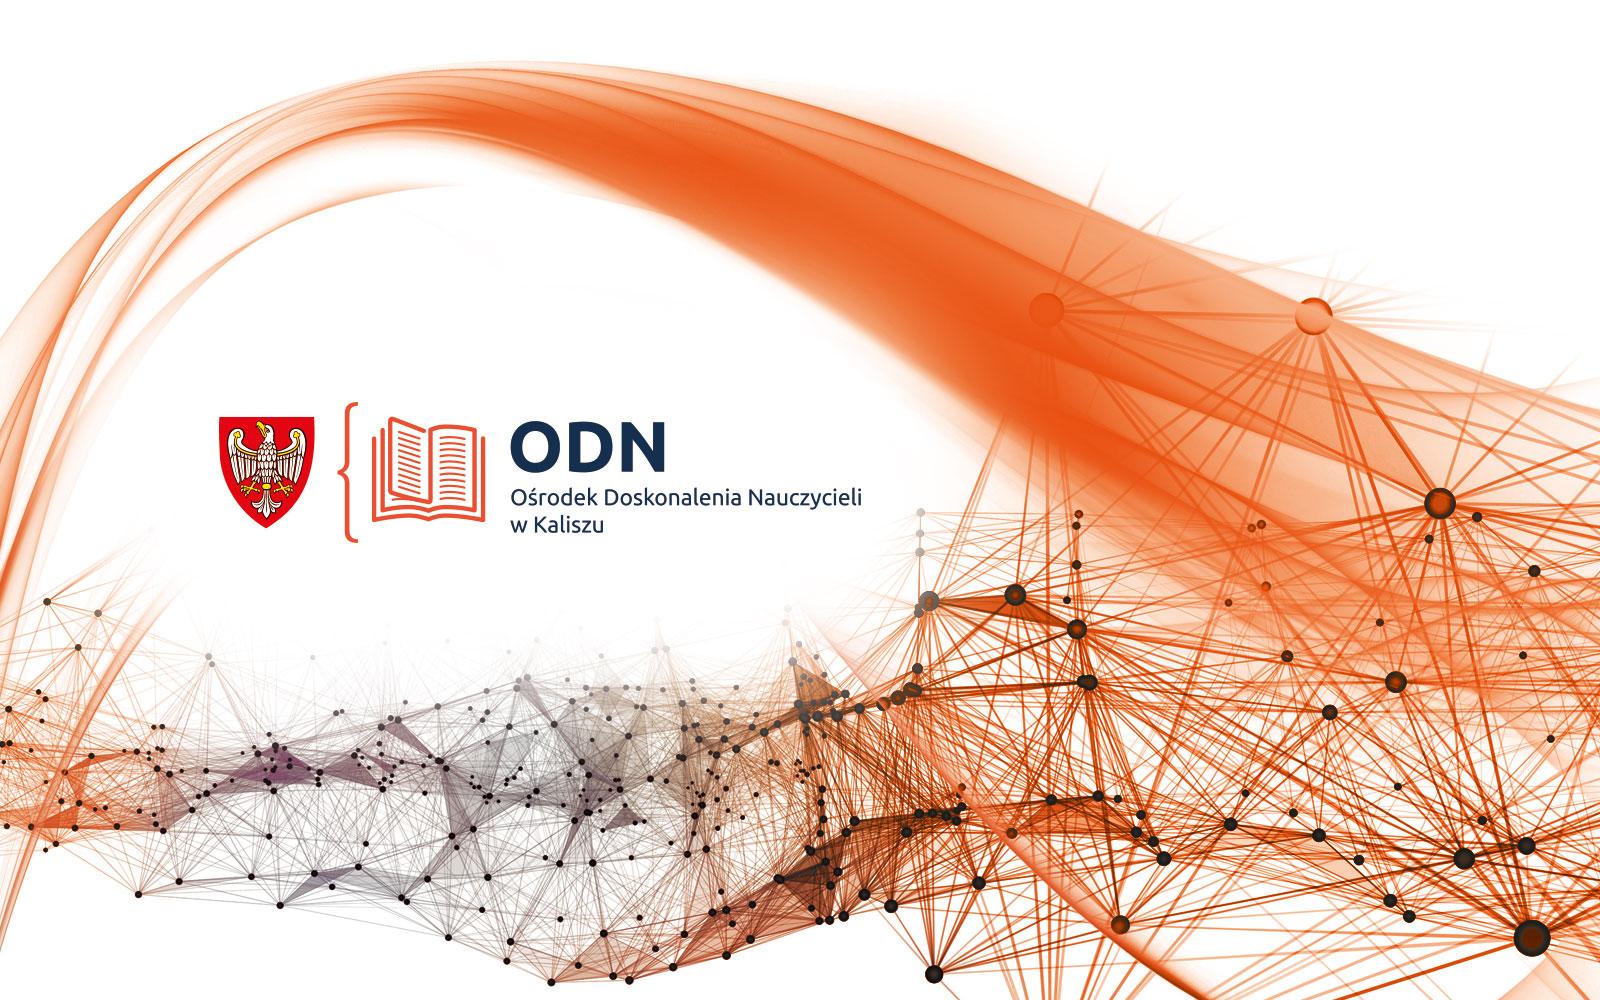 Materiały przekazane wramach współpracy zODN-ami iCDN-ami zWielkopolski